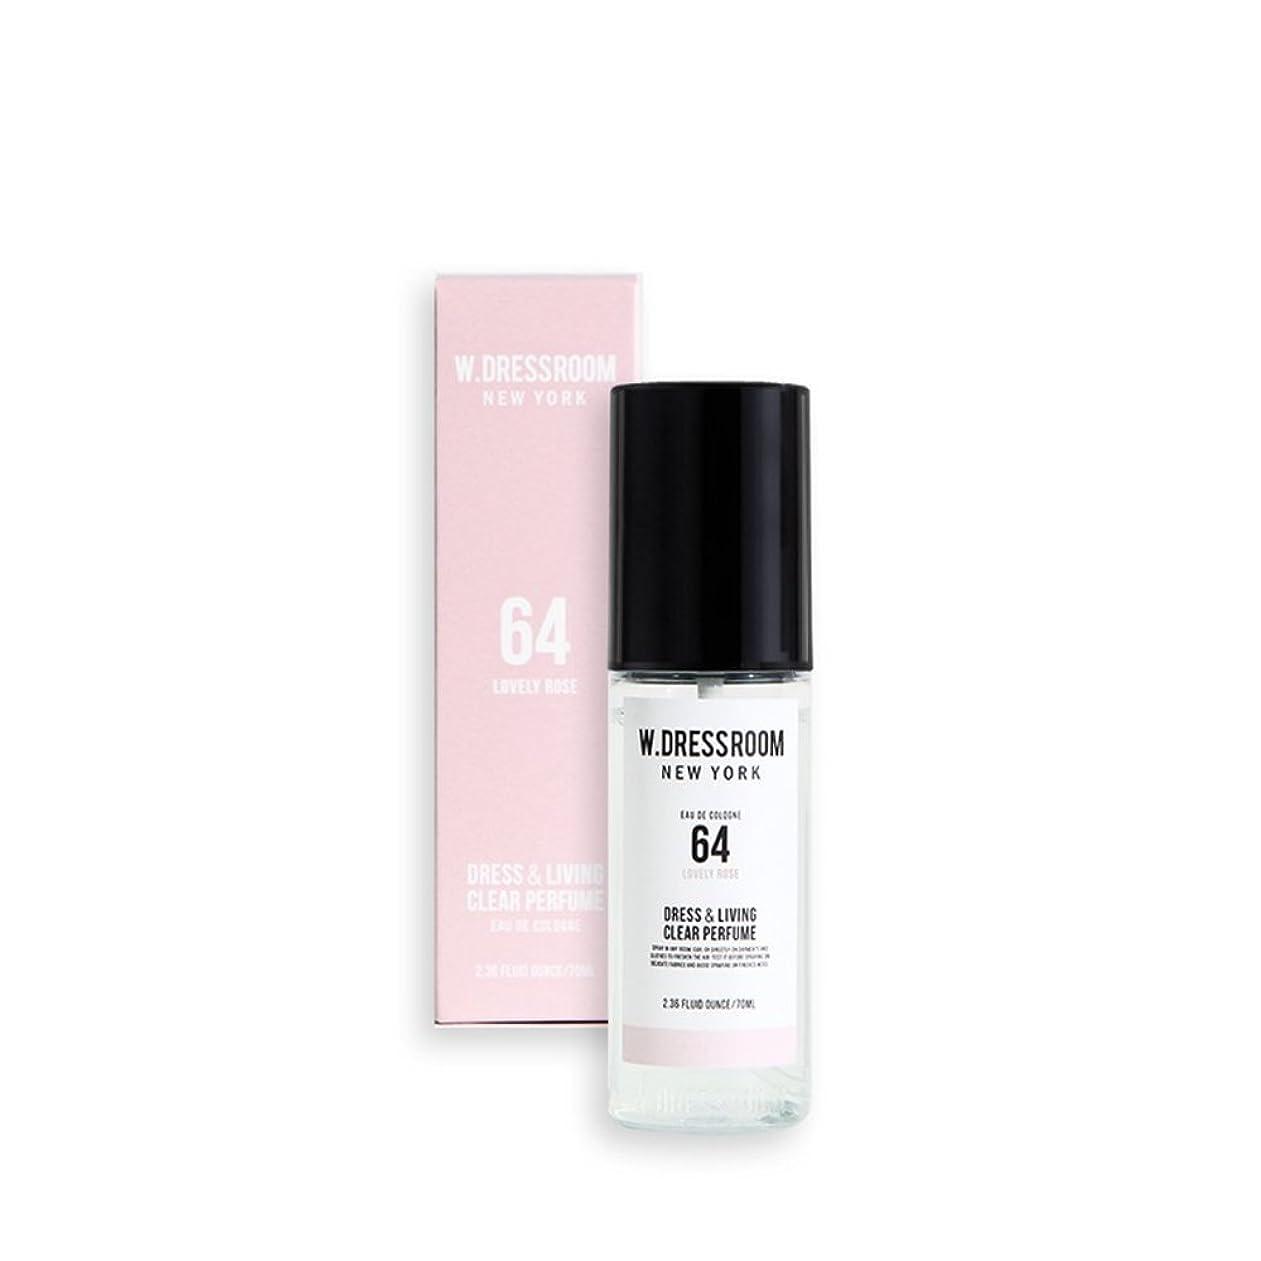 いとこ等々フェンスW.DRESSROOM Dress & Living Clear Perfume fragrance 70ml (#No.64 Lovely Rose)/ダブルドレスルーム ドレス&リビング クリア パフューム 70ml (#No.64 Lovely Rose)